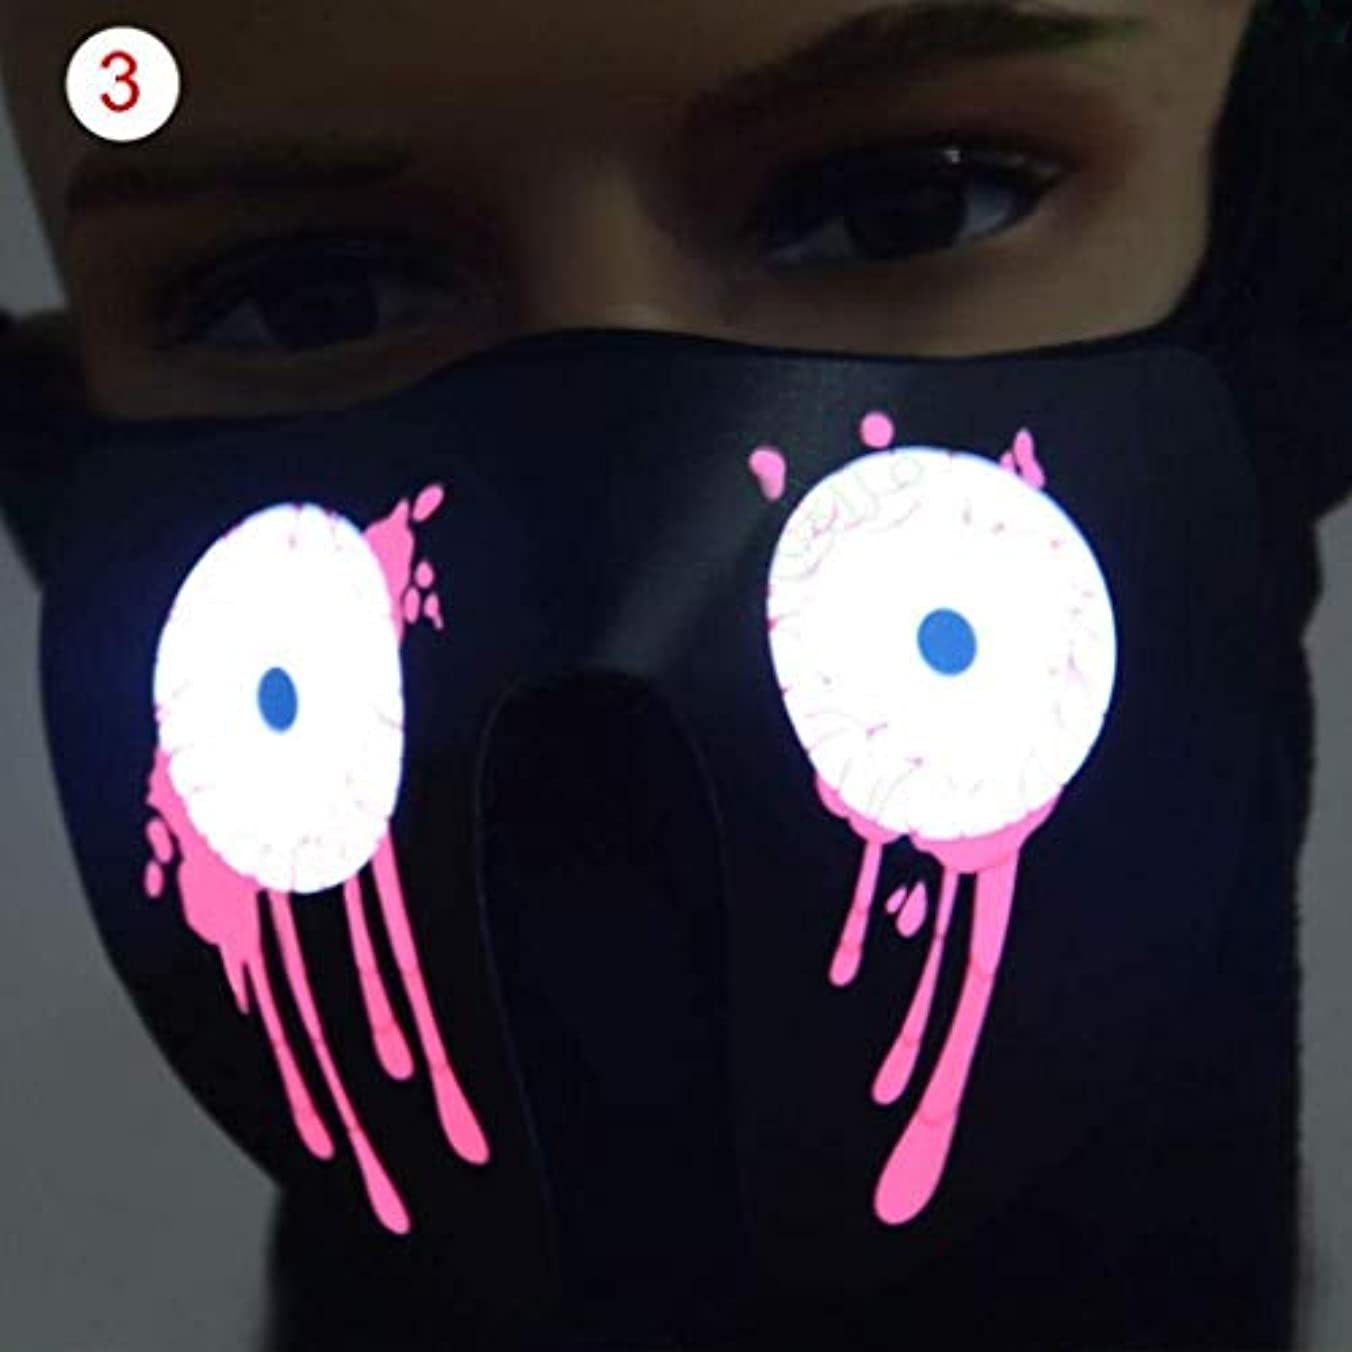 ハロウィーン新年パーティーネックフードのフェイスマスク (Color : 5)